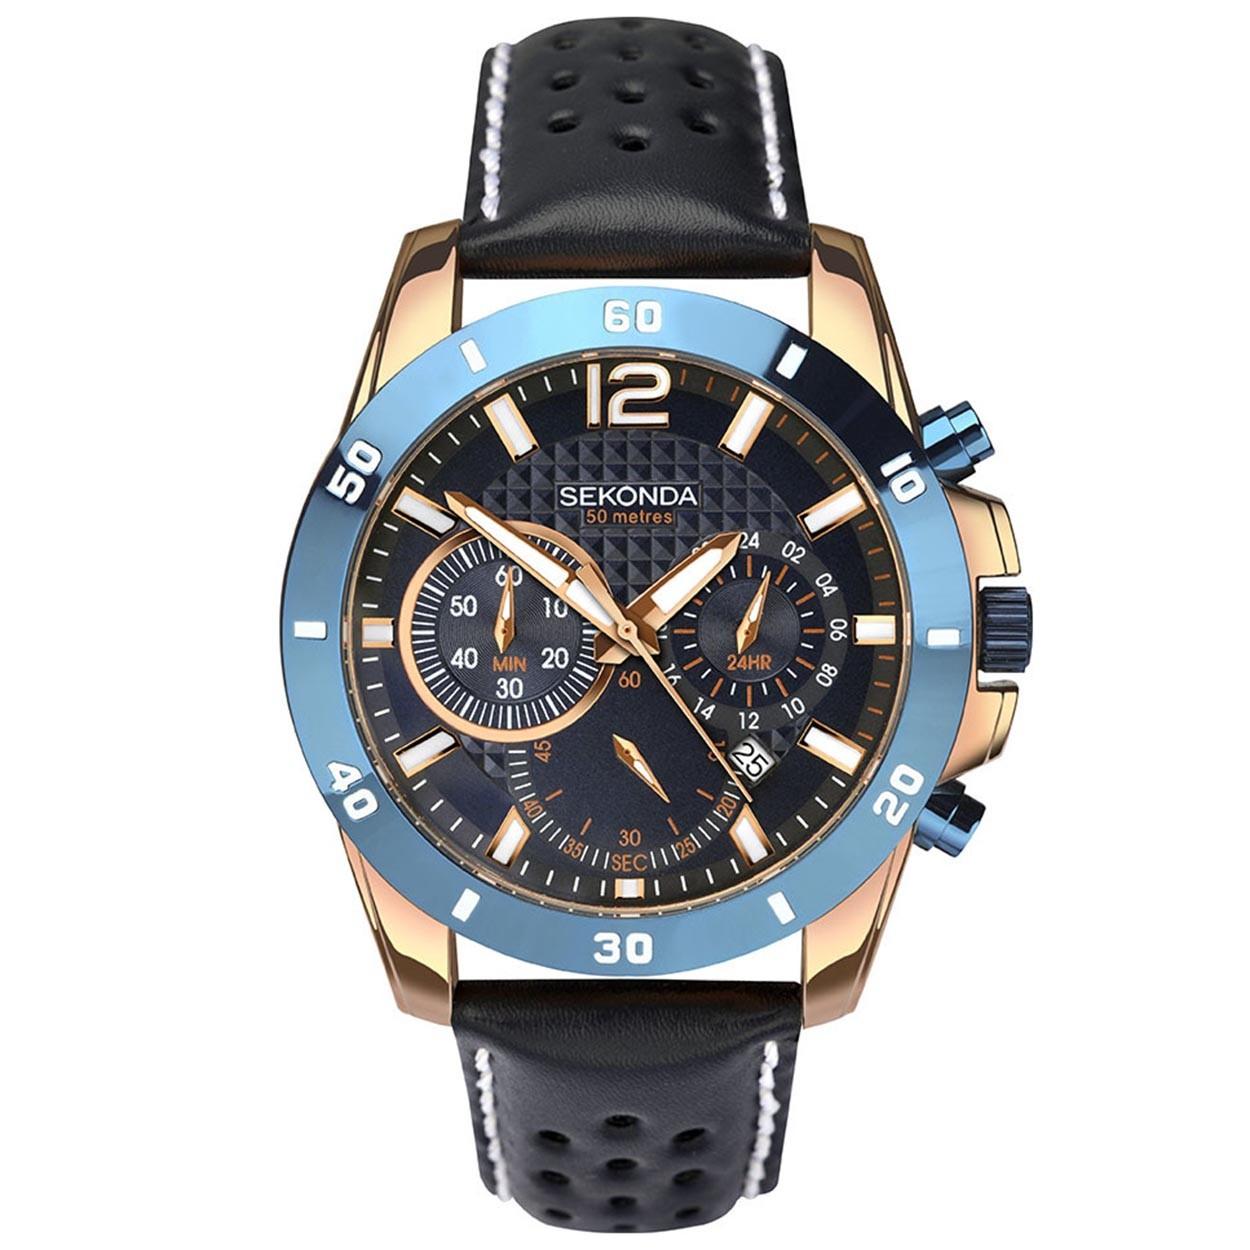 Sekonda horloge SEK.1489 Heren Chrono Roségoud SEK.1489 Herenhorloge 1